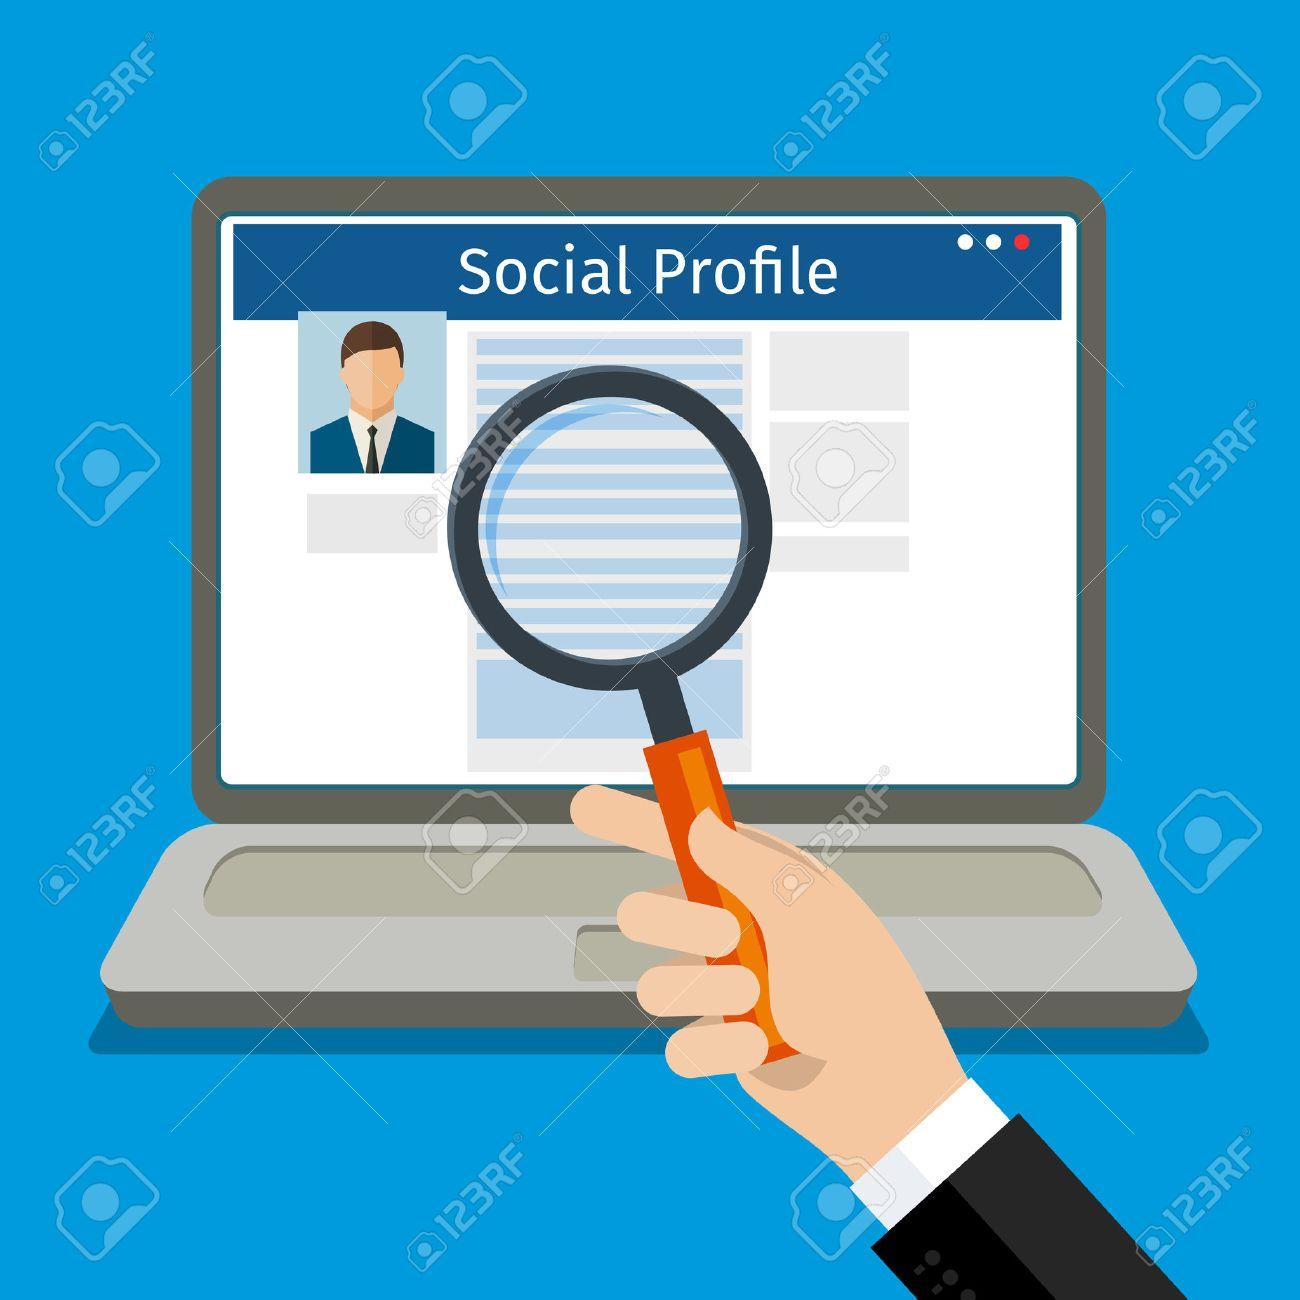 Buscar Perfil Social. Ordenador Portátil Con La Red Social. Diseño ...